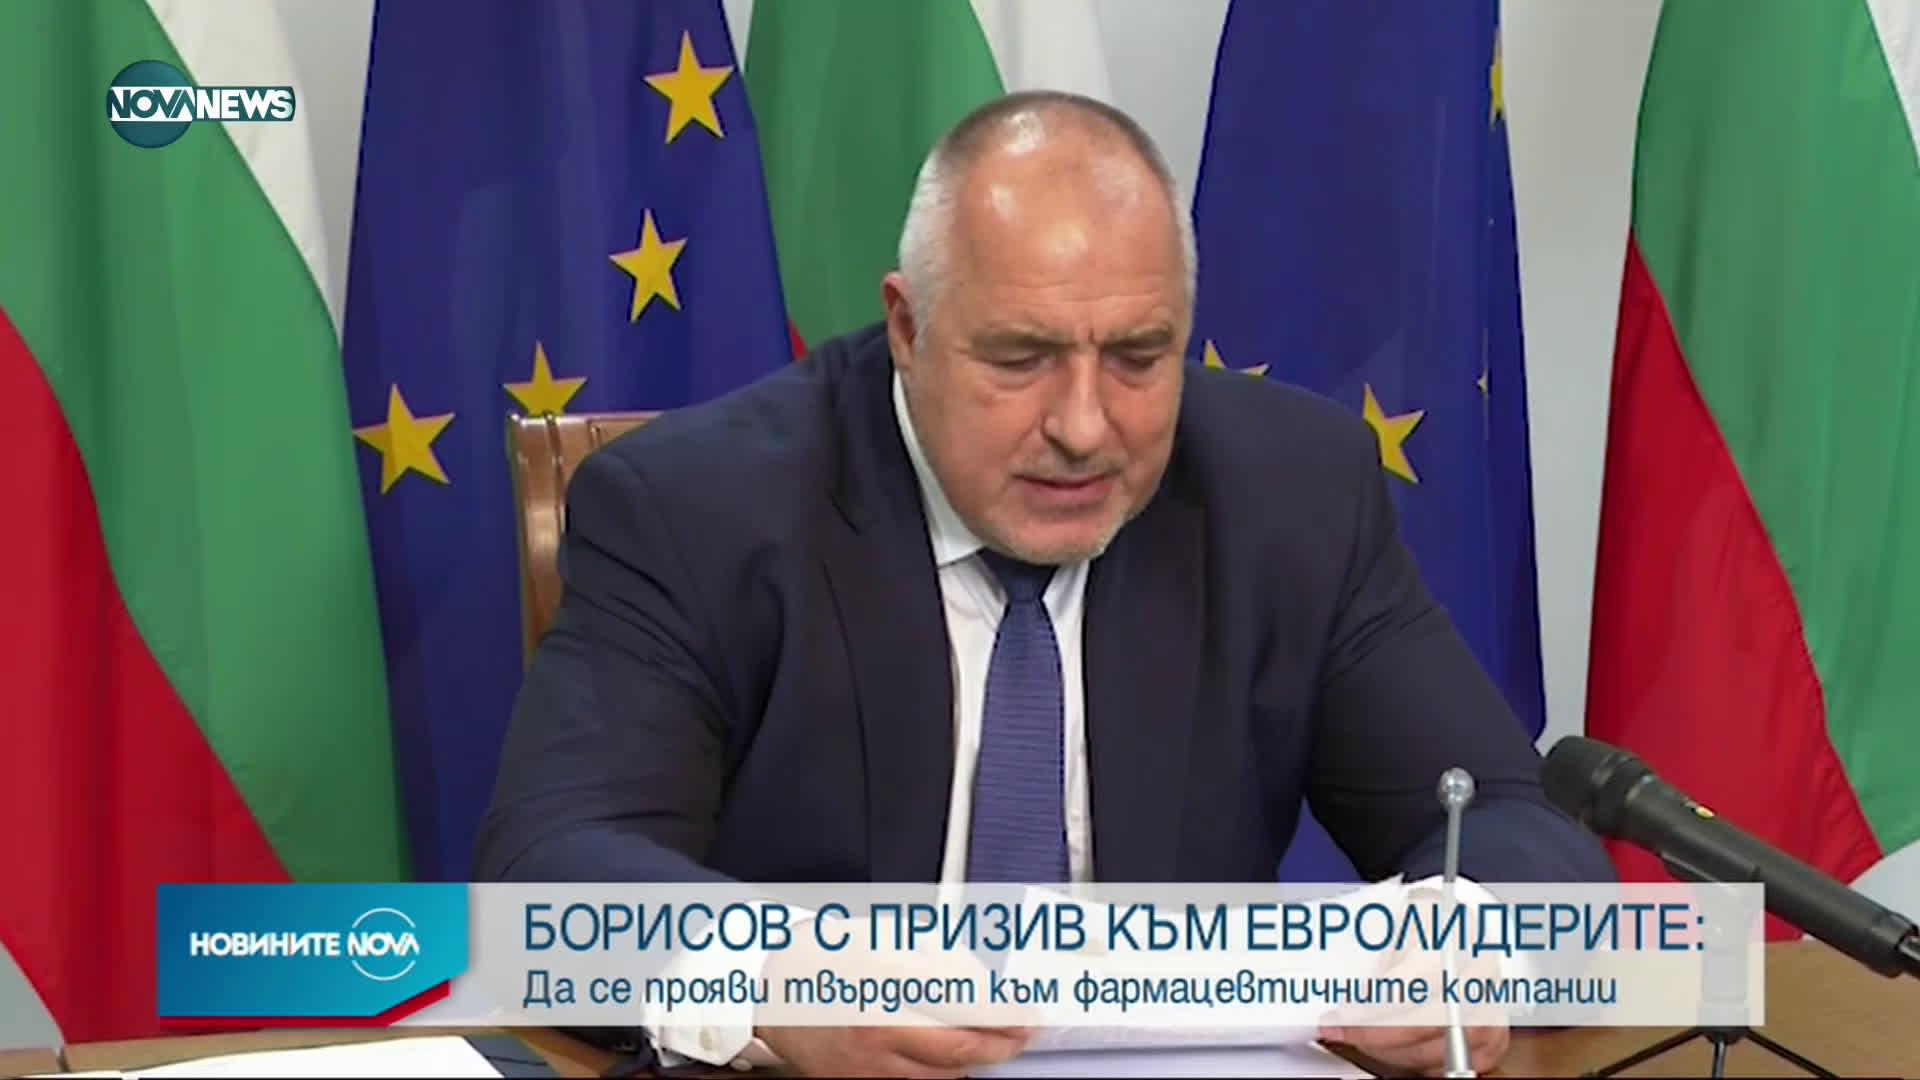 Борисов: Трябва да сме максимално твърди с фармацевтичните компании